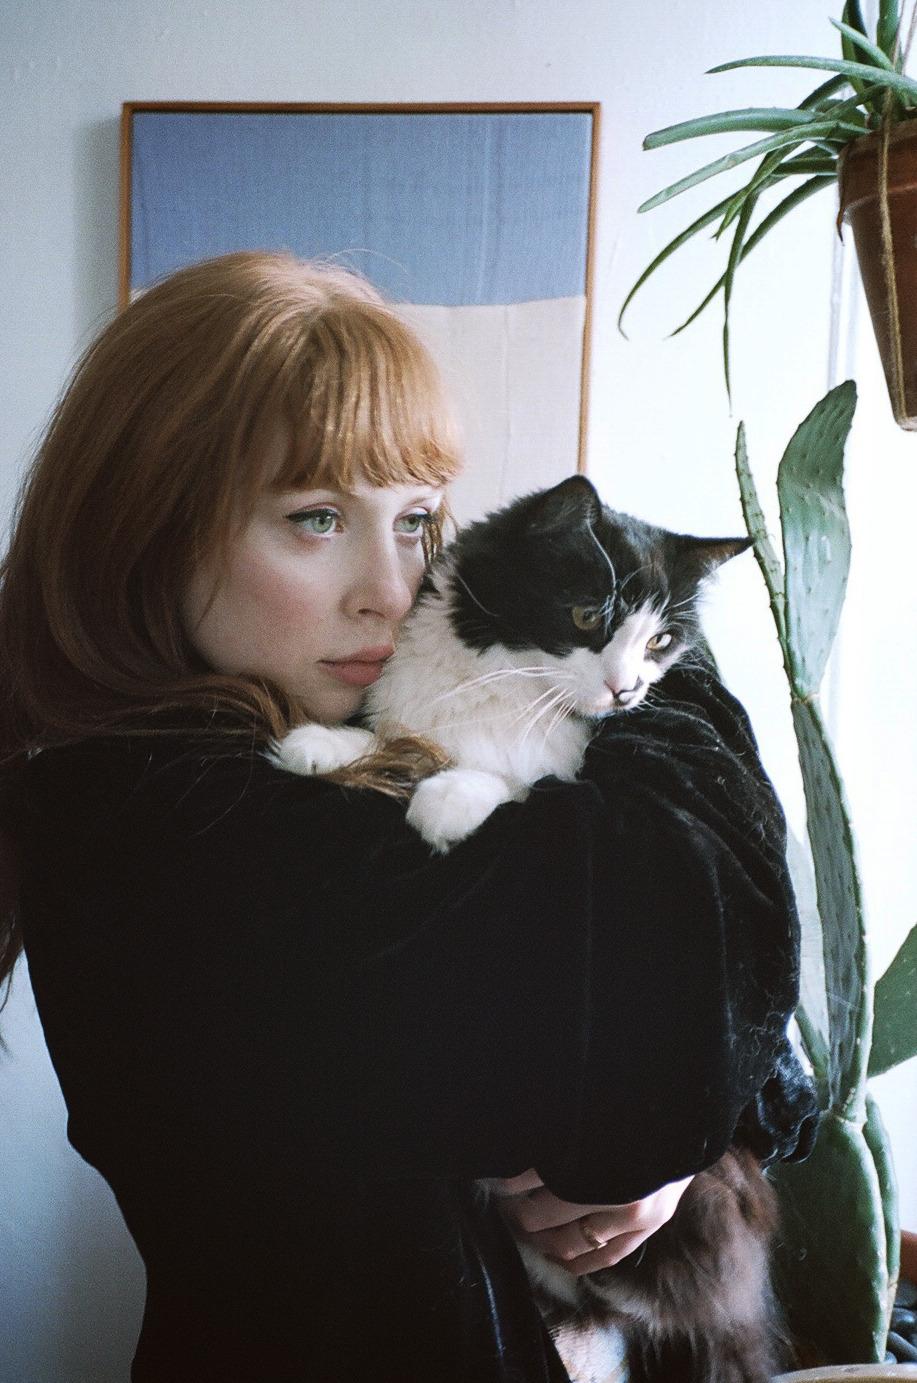 Imagini pentru imagini cu domnișoare si pisici